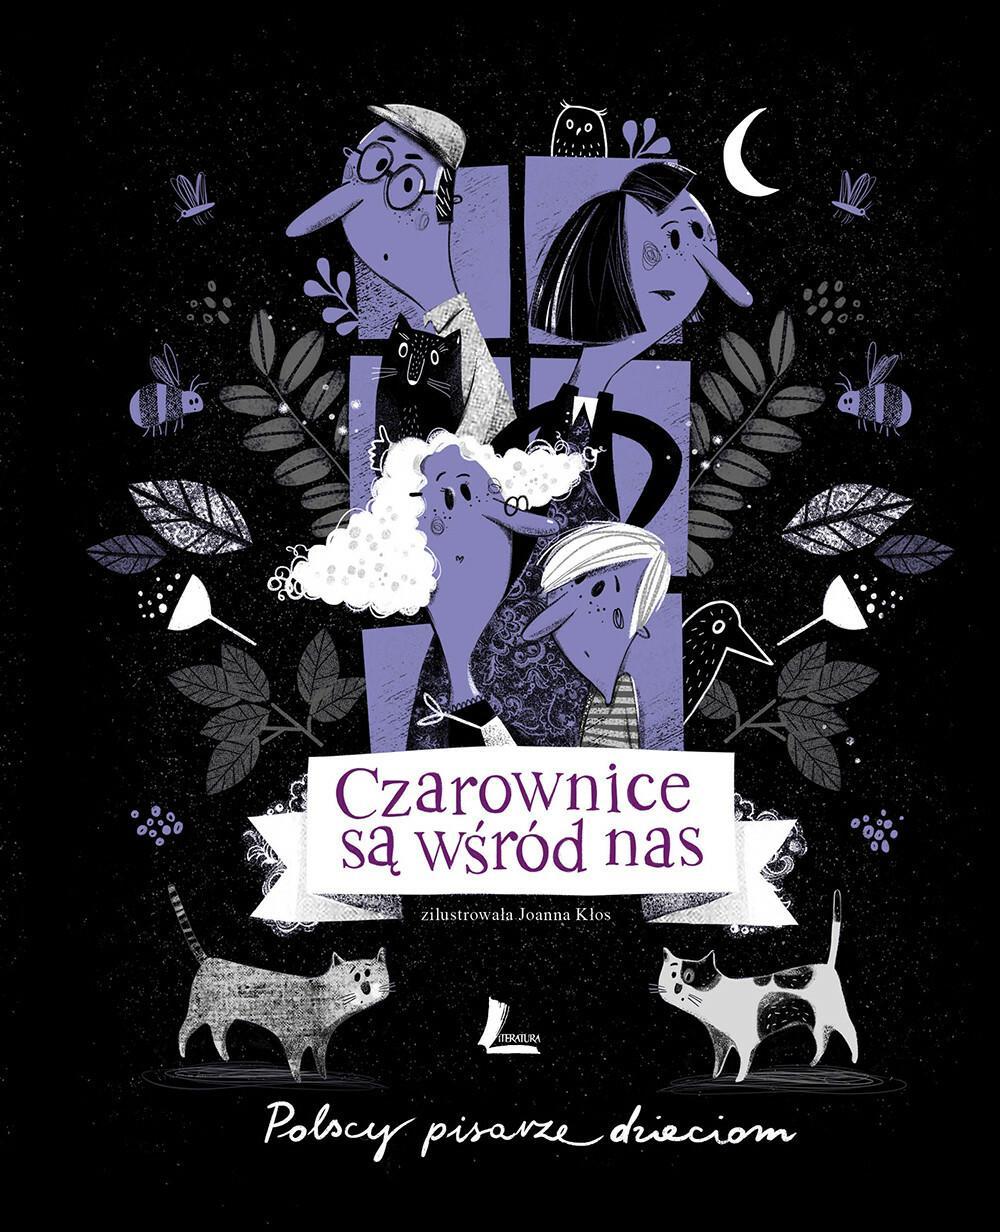 Literatura Czarownice są wśród nas - Grzegorz Kasdepke